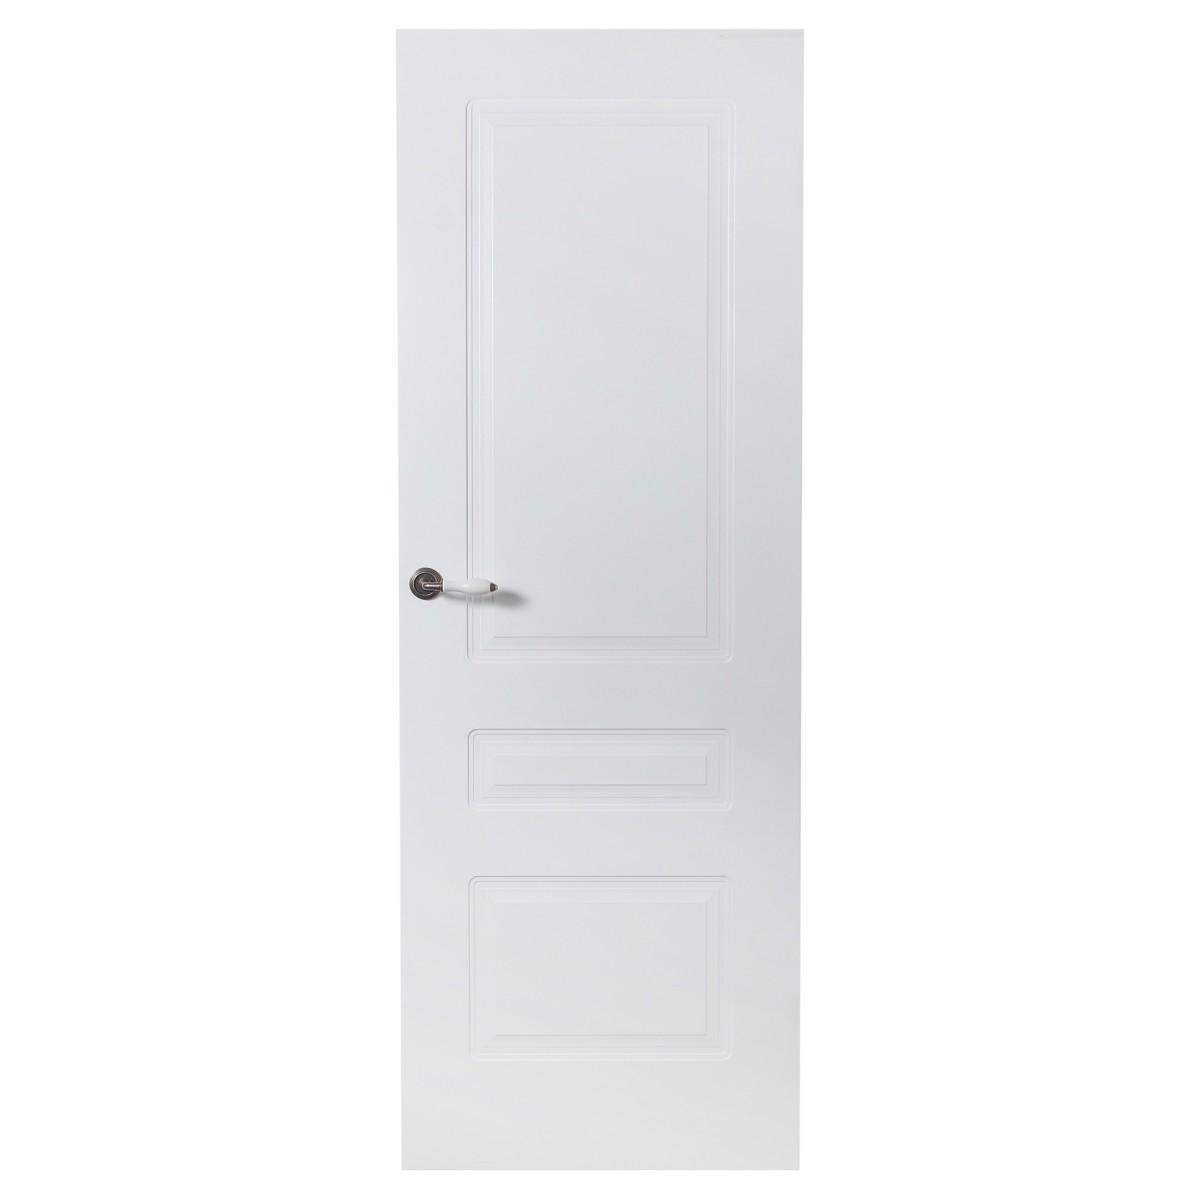 Дверь Межкомнатная Глухая Роялти 70x200 Цвет Белый